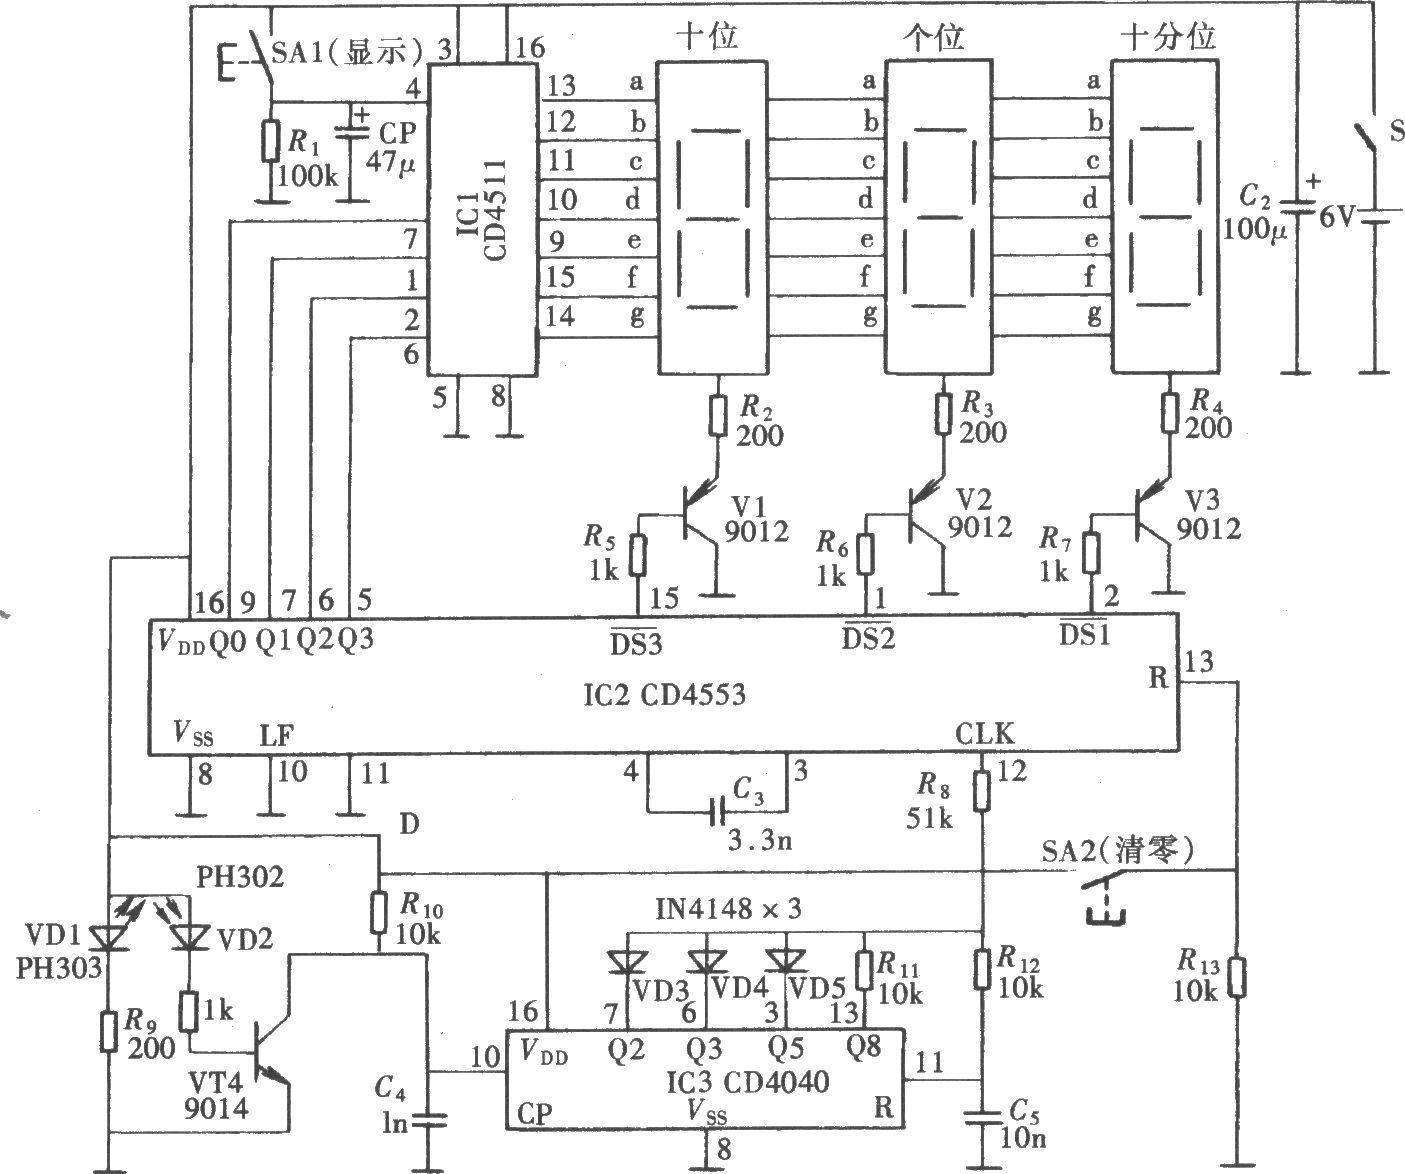 cd4553 pdf